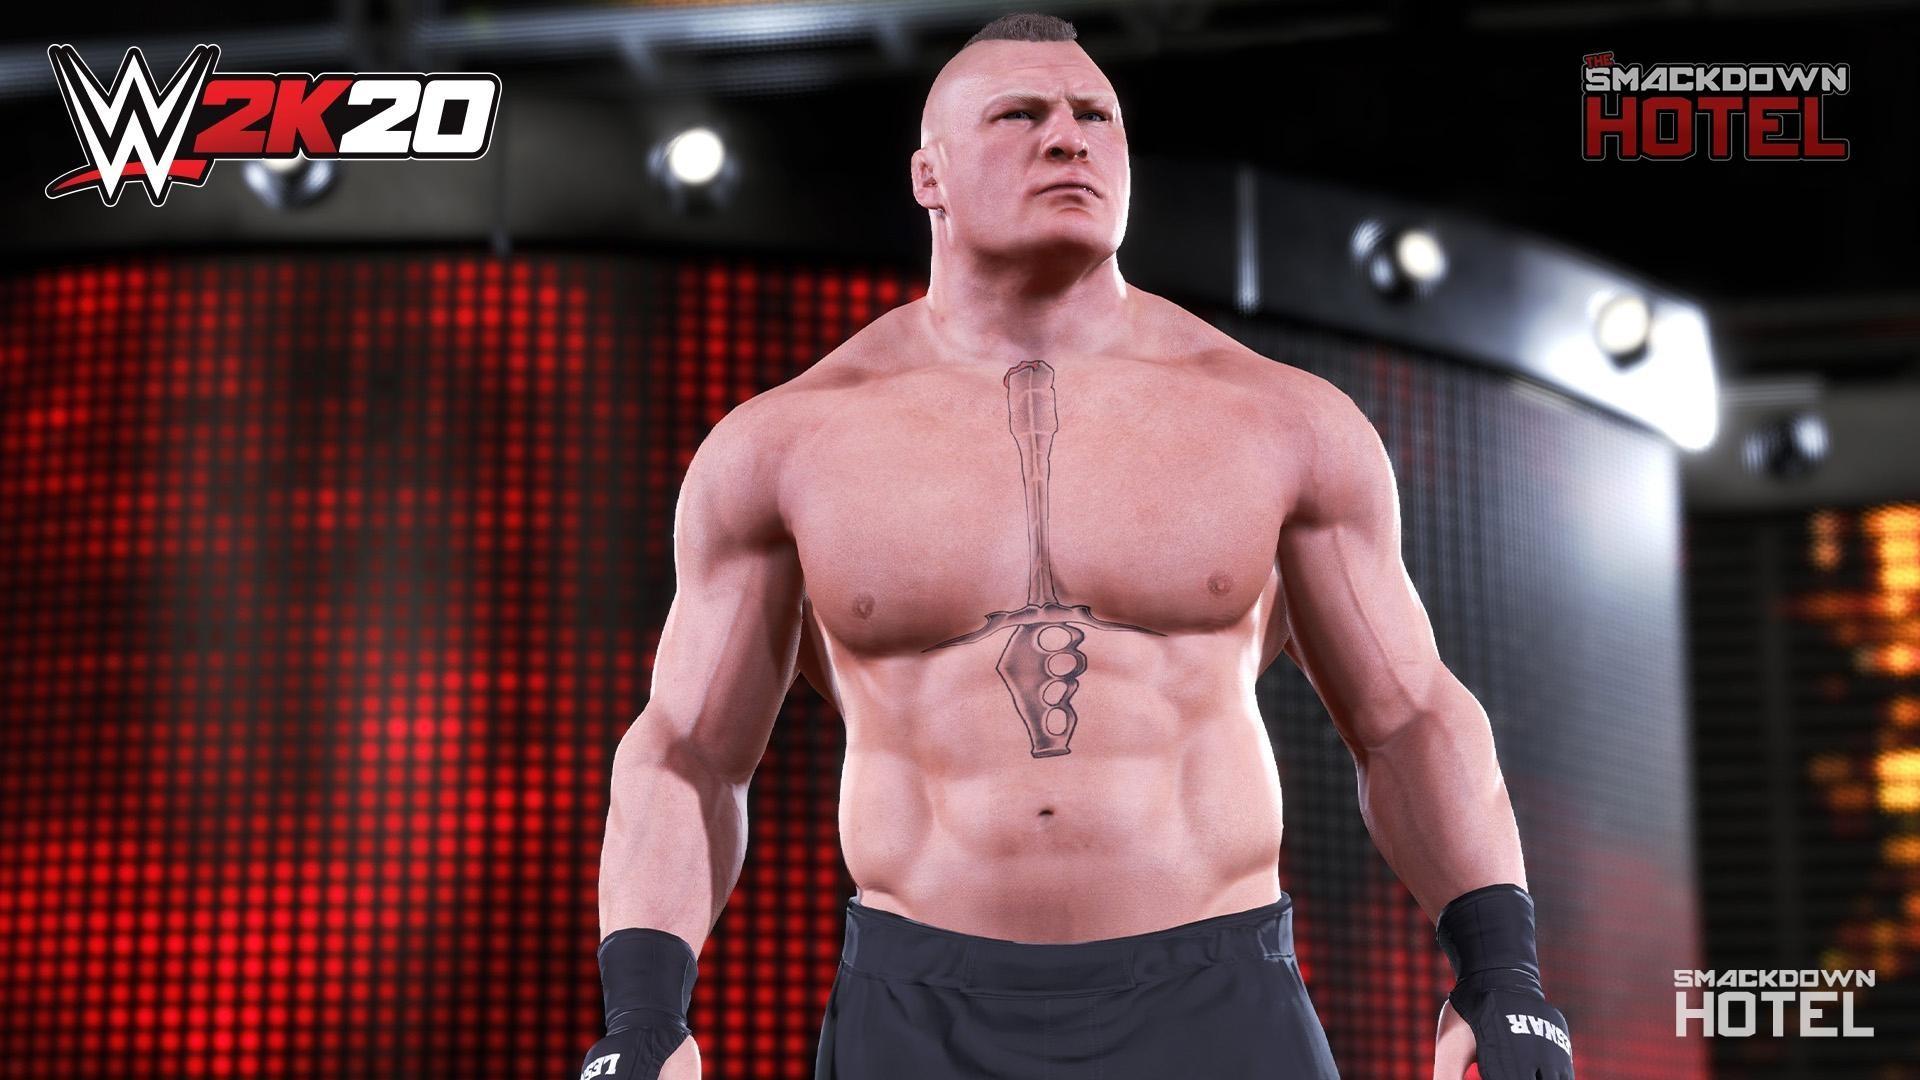 WWE2K20_FirstScreens_BrockLesnar_SDH-168